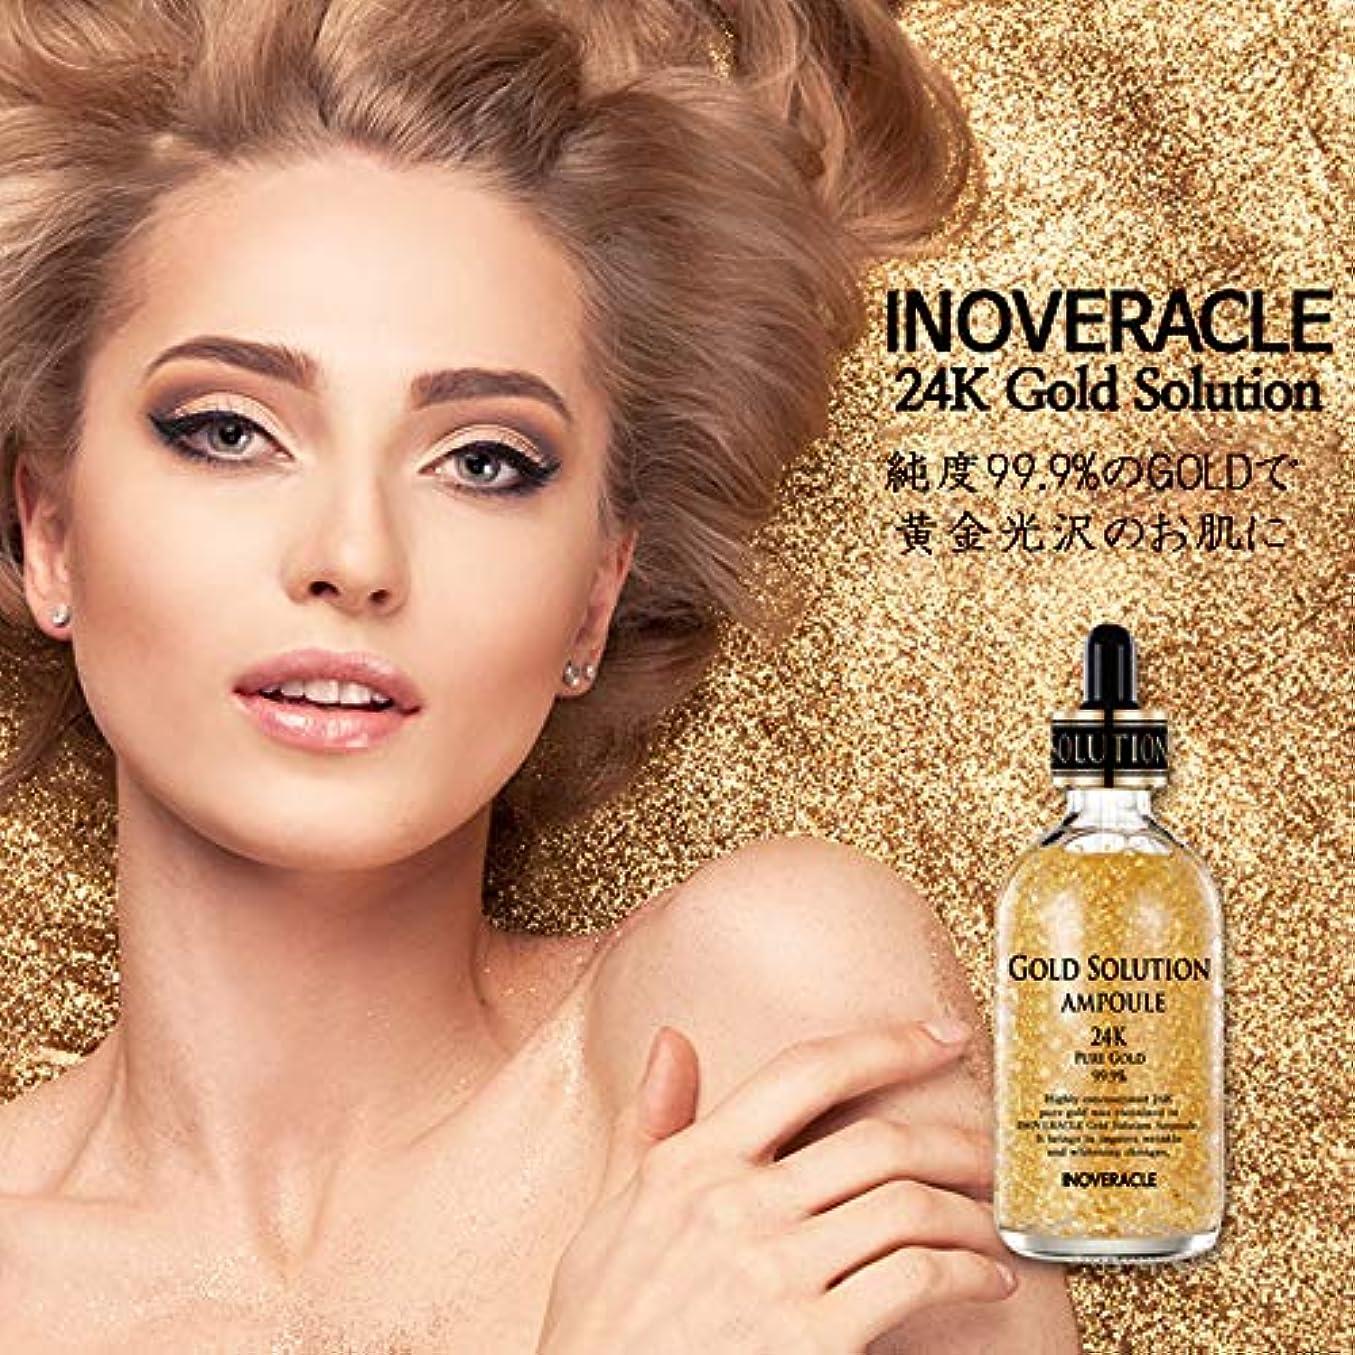 操縦するモスク価値のないINOVERACLE GOLD SOLUTION AMPOULE 24K 99.9% 純金 アンプル 100ml 美容液 スキンケア 韓国化粧品 光沢お肌 美白美容液